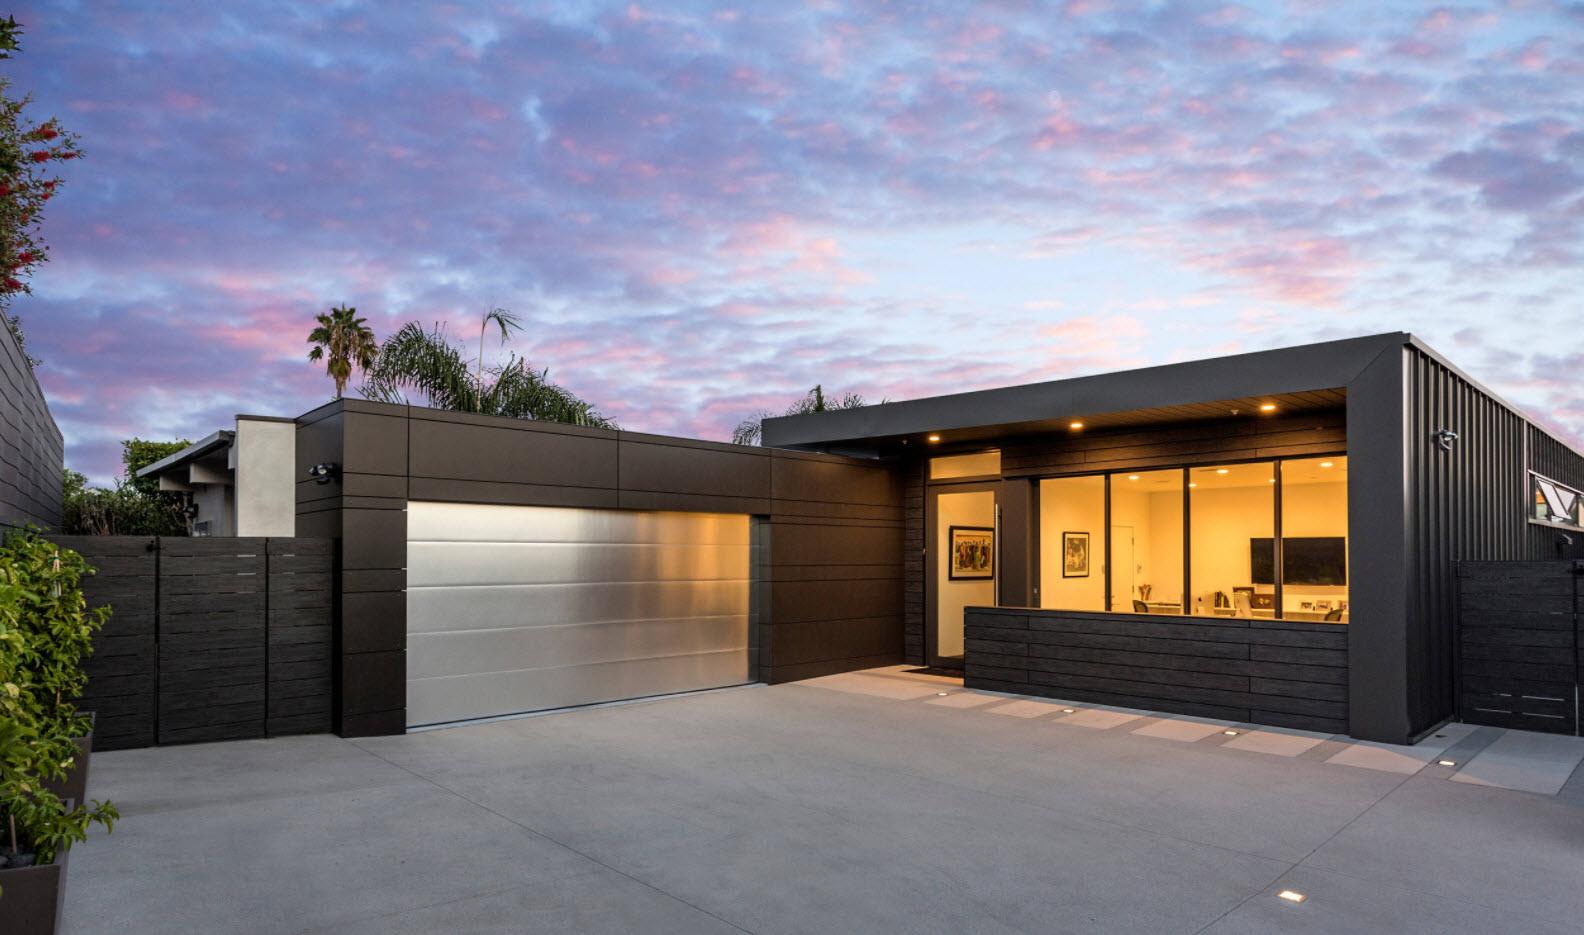 Одноэтажный гараж купить секции для гаража